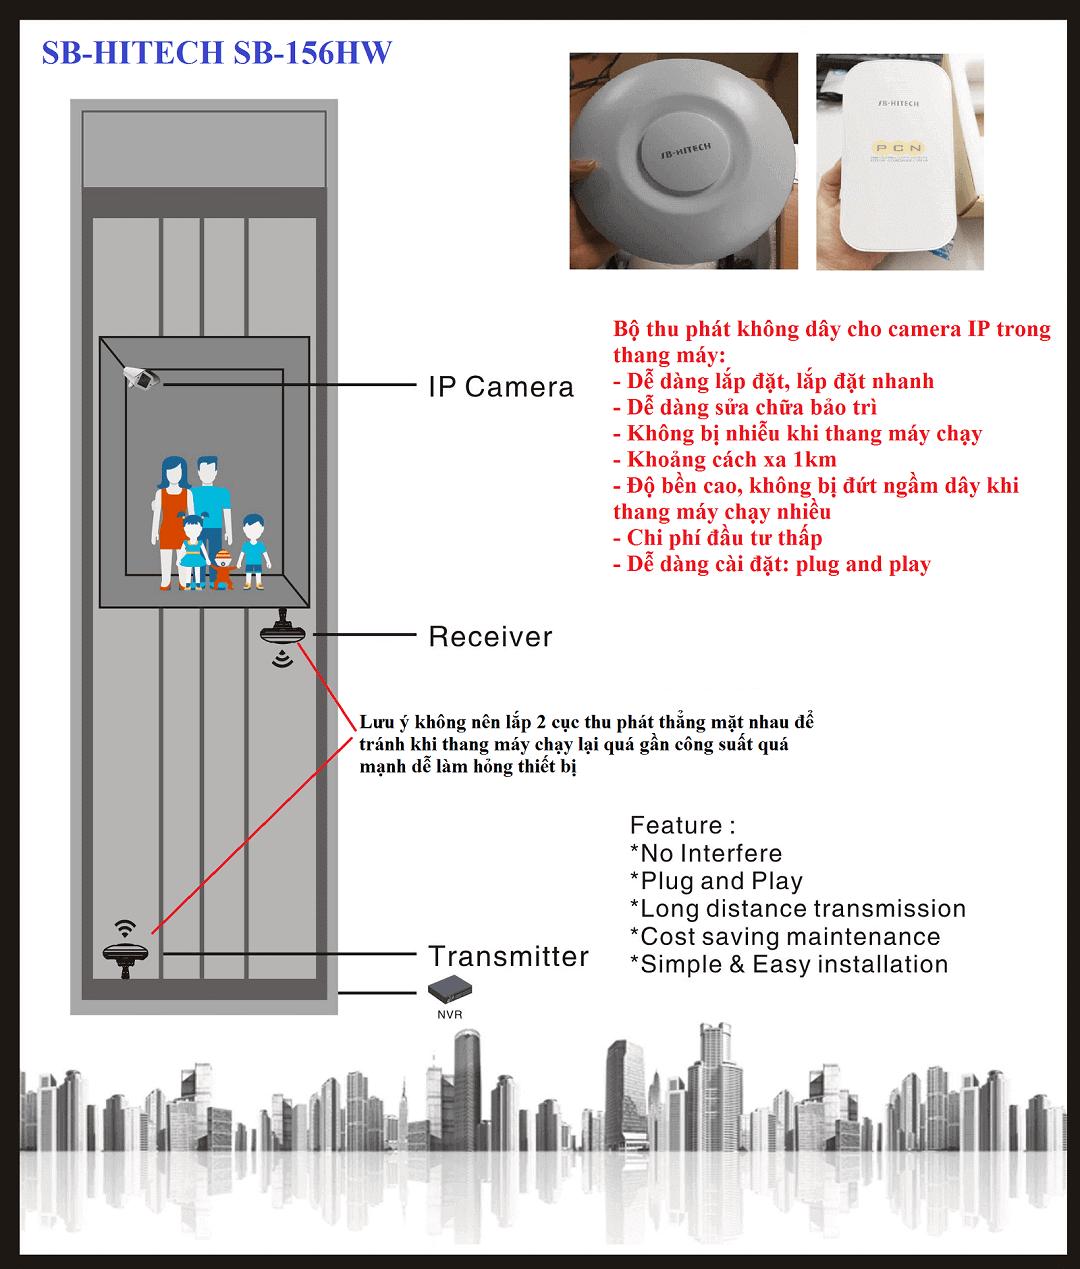 Mô hình lắp bộ thu phát không dây cho Camera IP SB-HITECH SB-156HW-(2km)